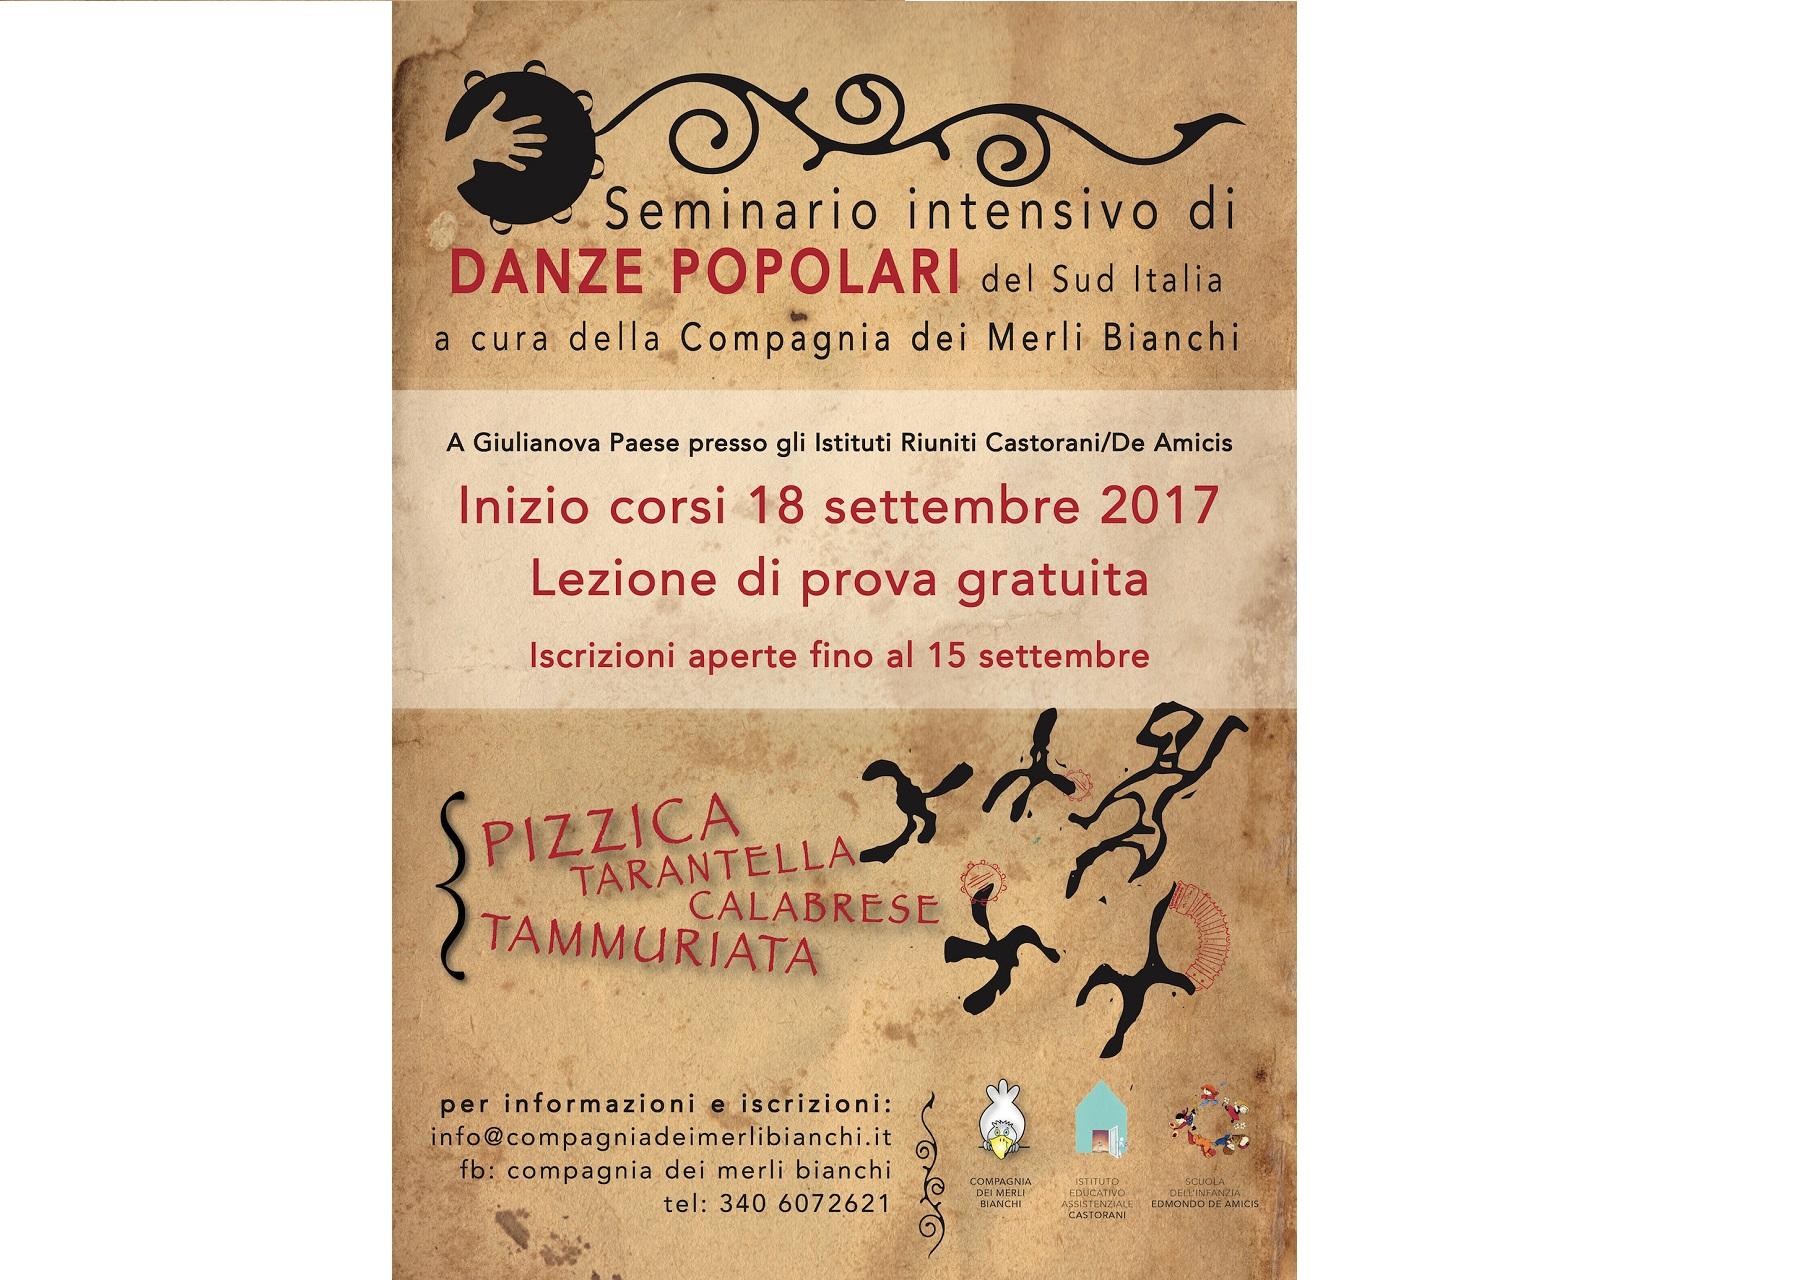 Danze popolari, dal 18 settembre a Giulianova